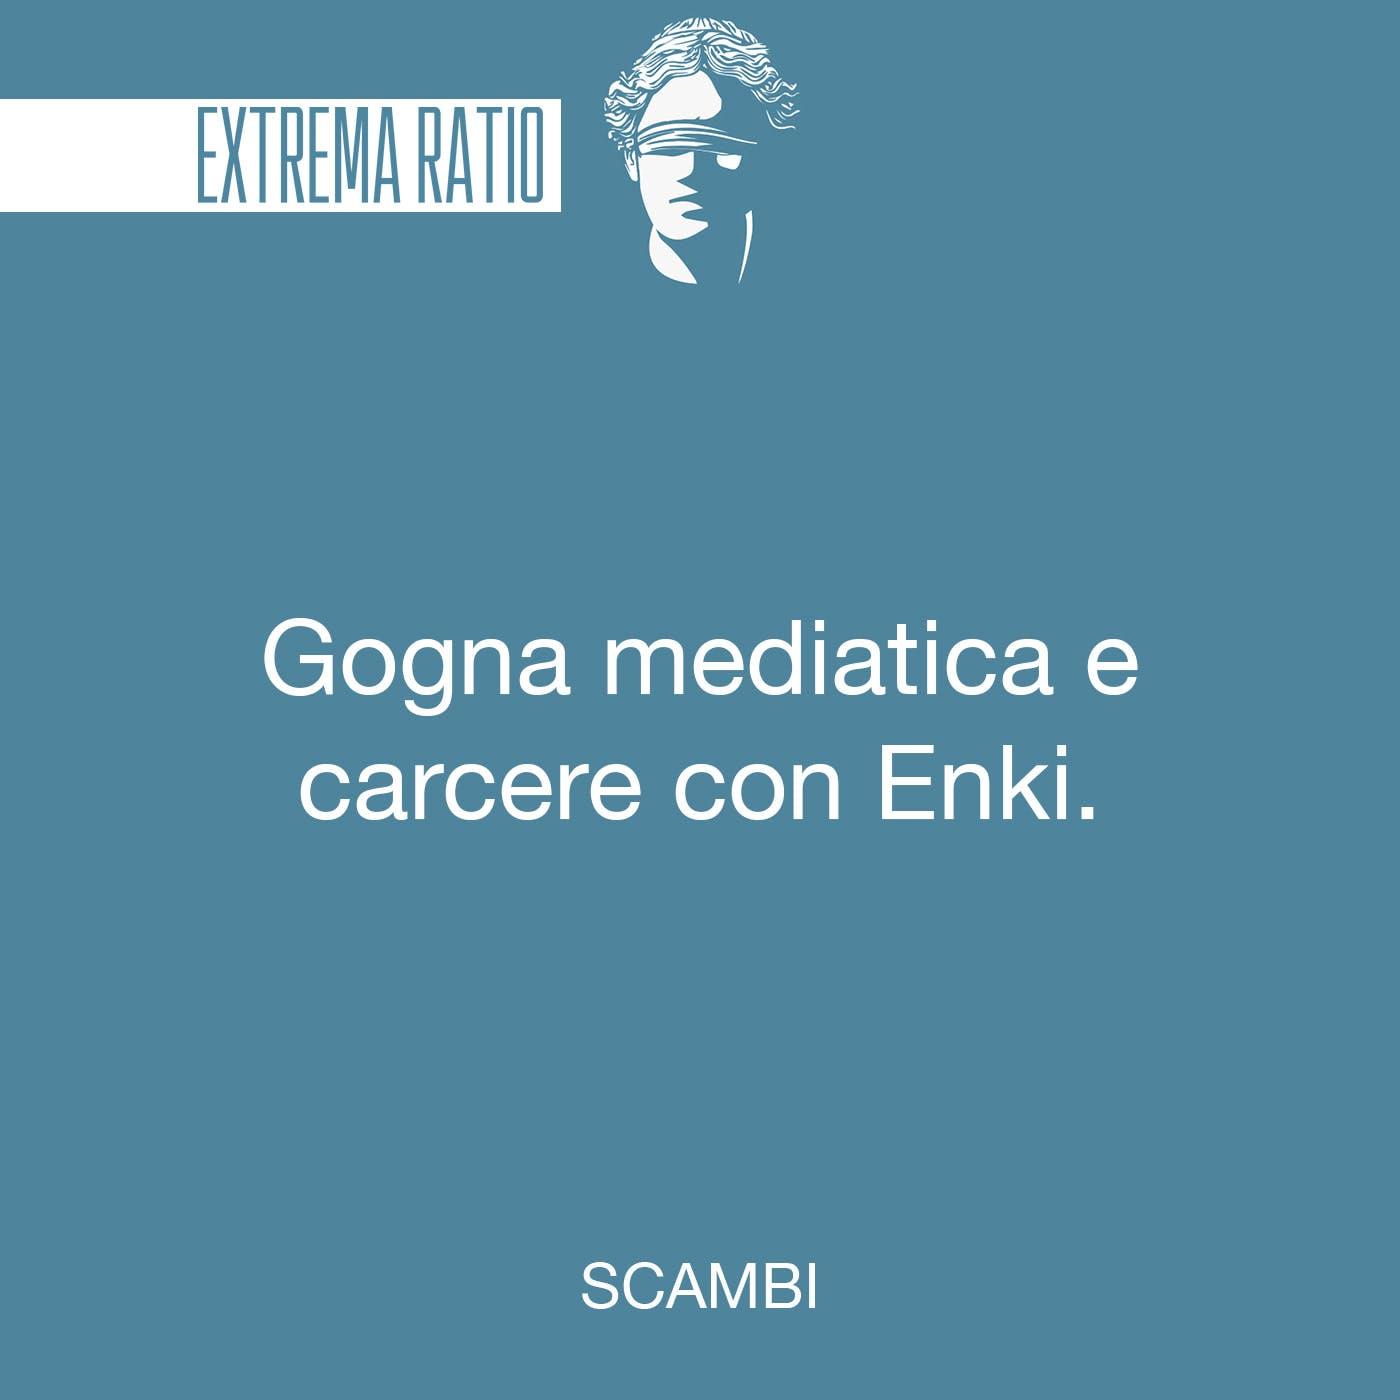 Gogna mediatica e carcere, con Enki.